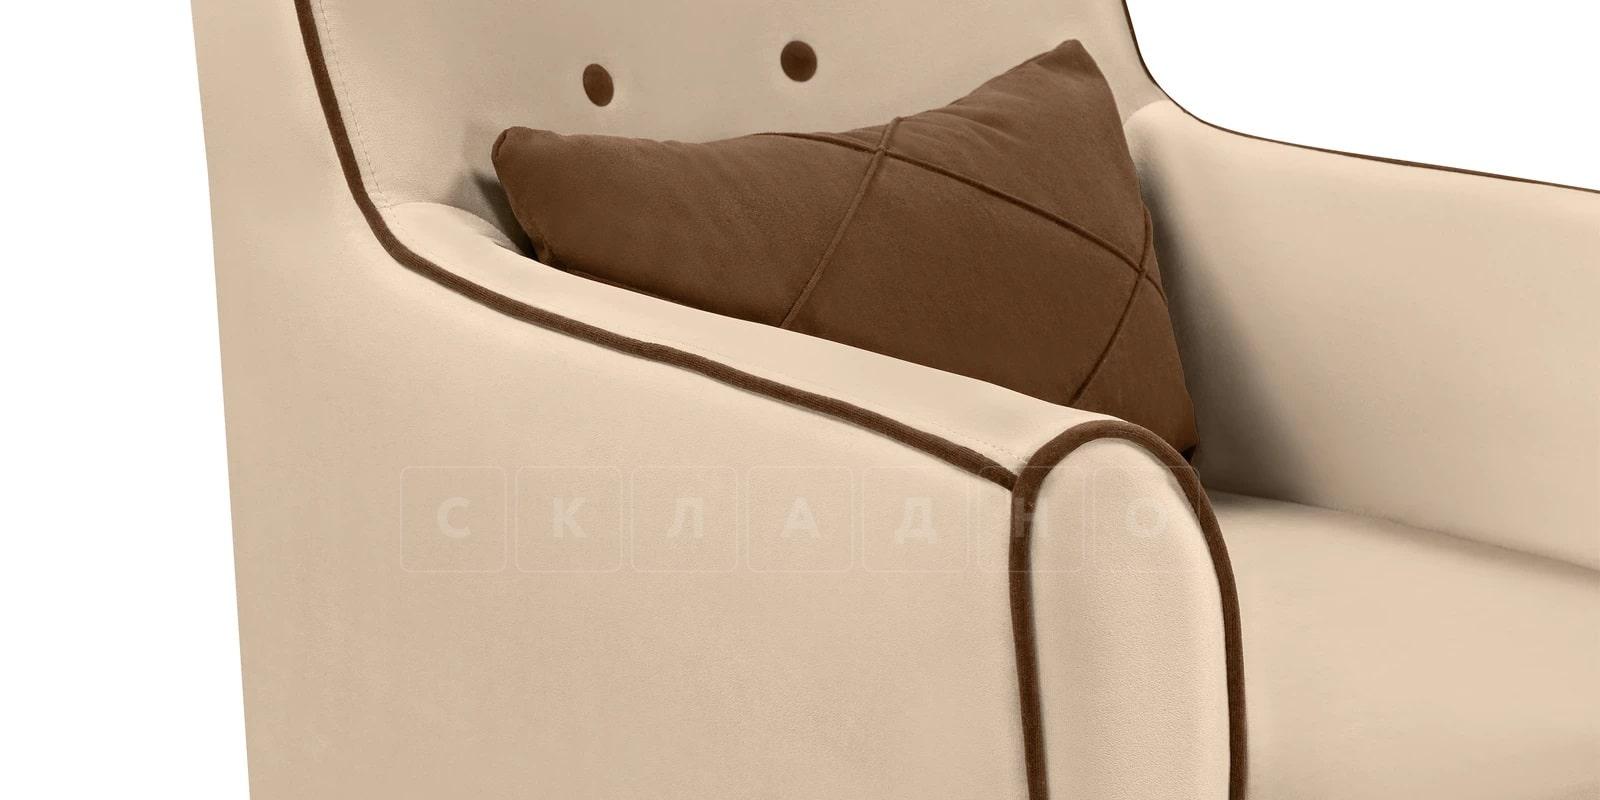 Кресло Флэтфорд велюр бежевый с коричневым кантом фото 3 | интернет-магазин Складно